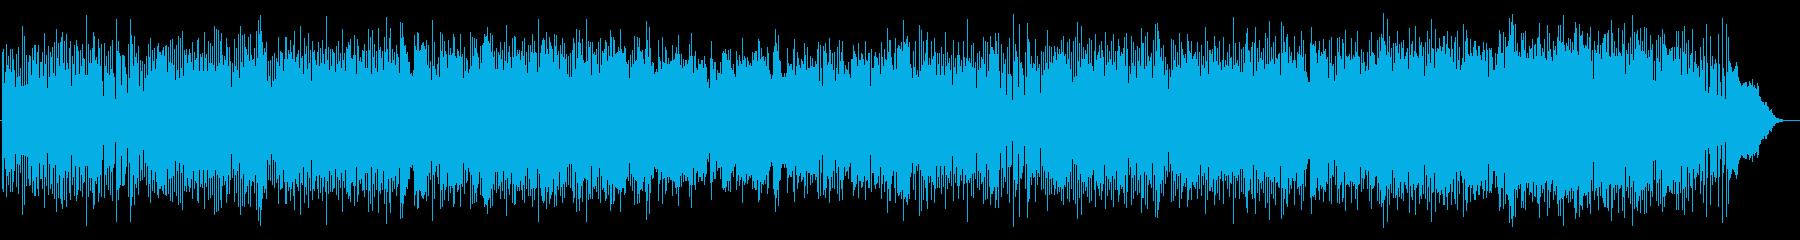 ツインギターのポップなフュージョンの再生済みの波形